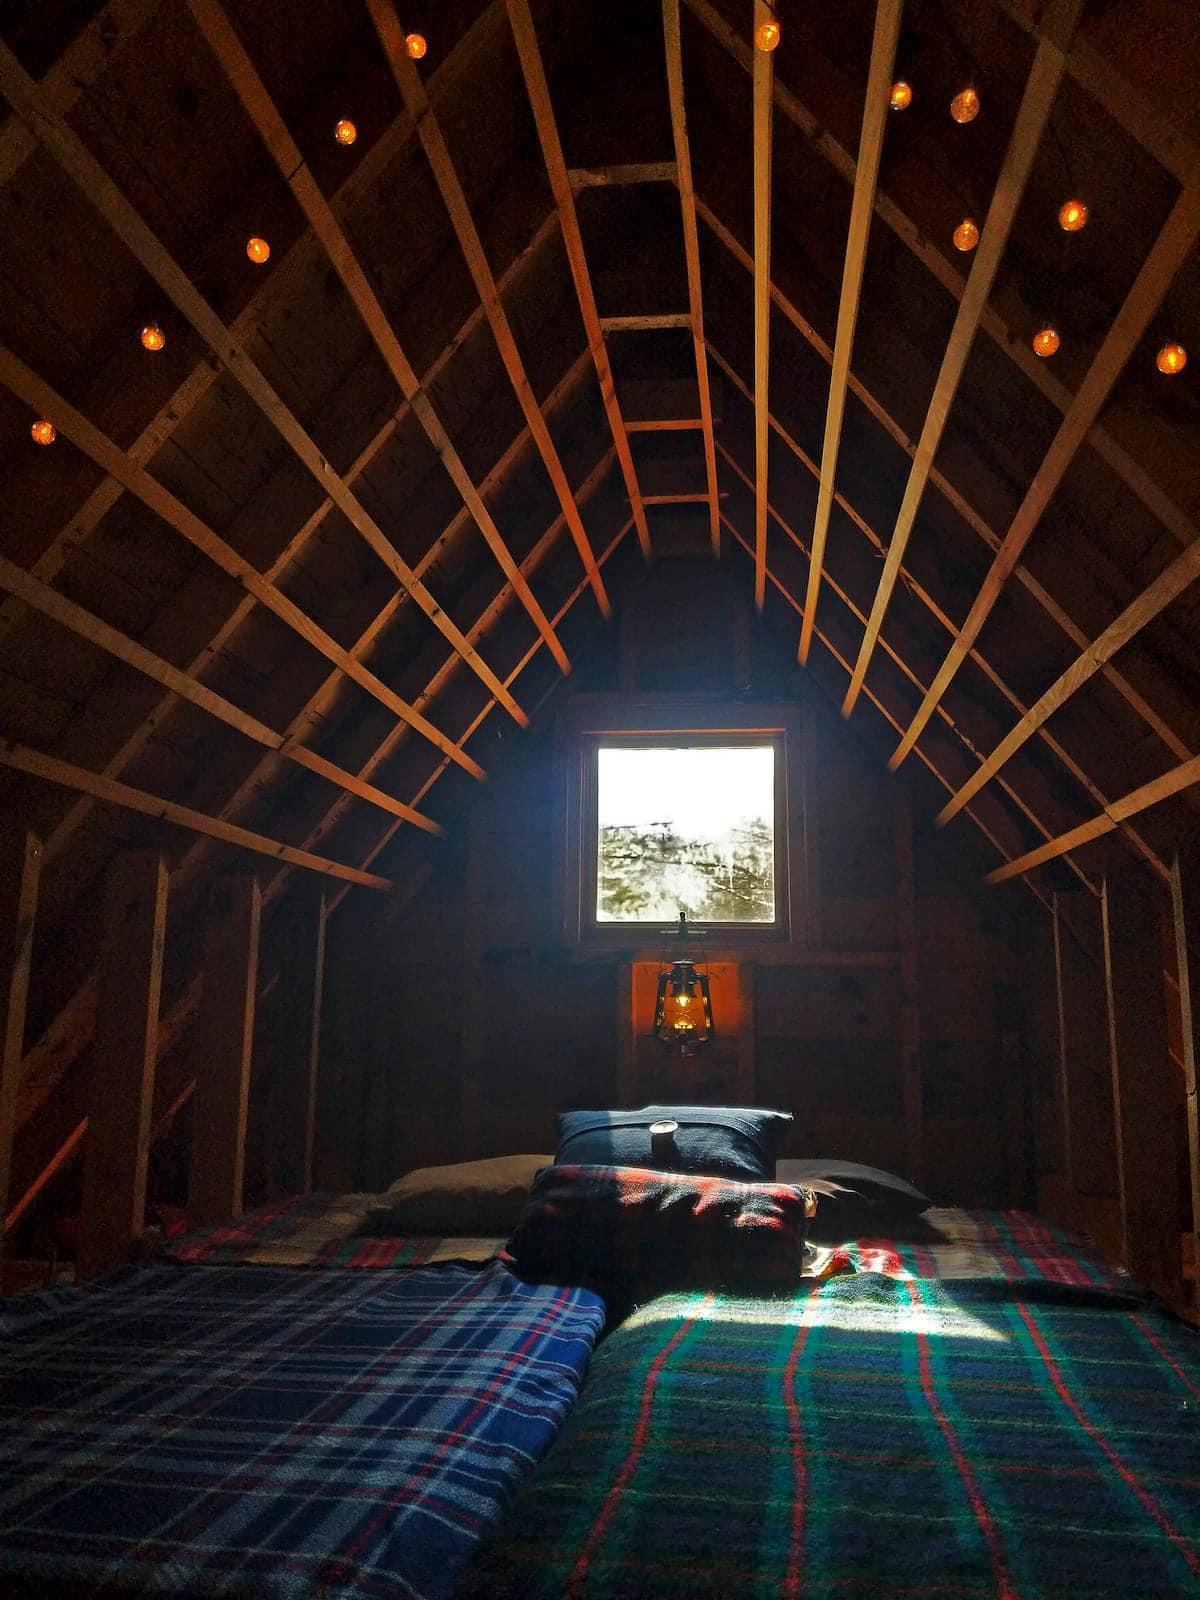 Loft bed in tiny cabin